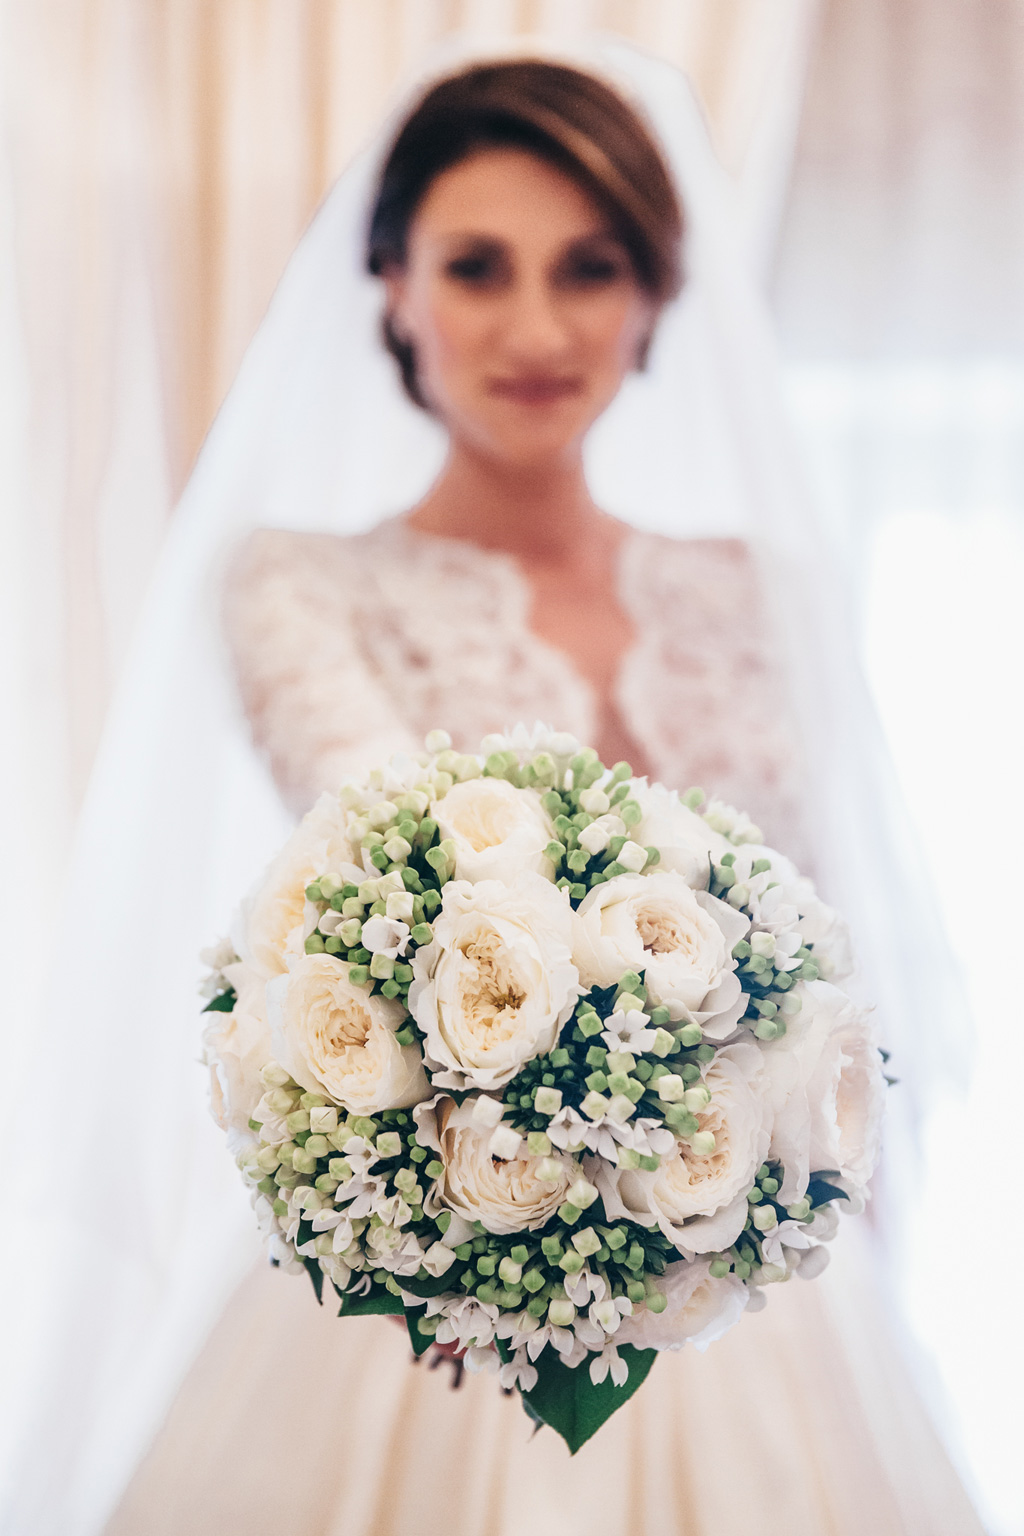 La sposa Beatrice è in posa con il bouquet nella mano